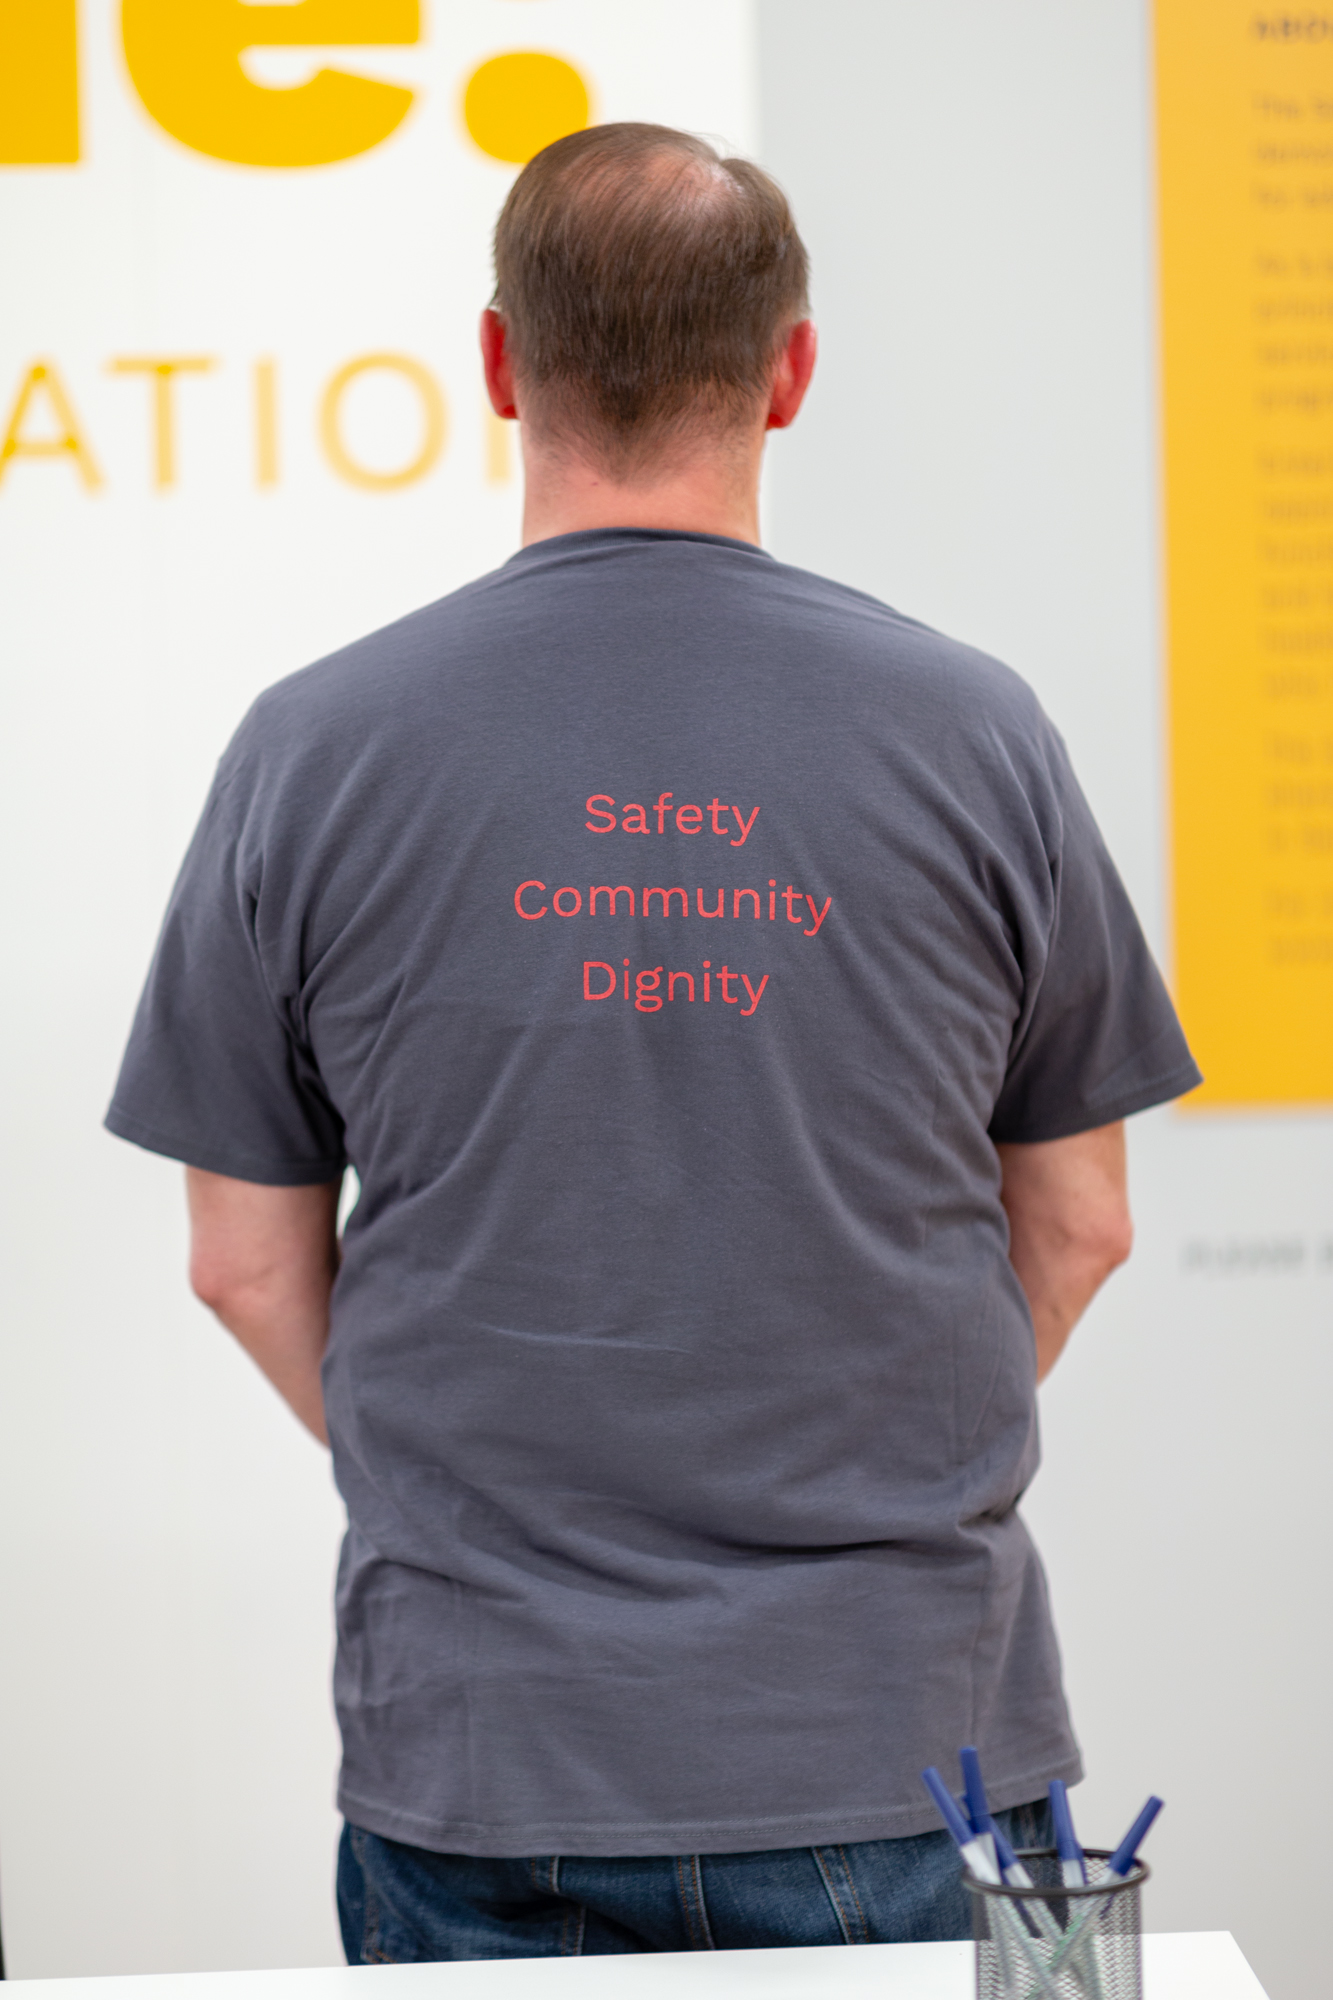 safer-inside-community-demonstration_44462778651_o.jpg